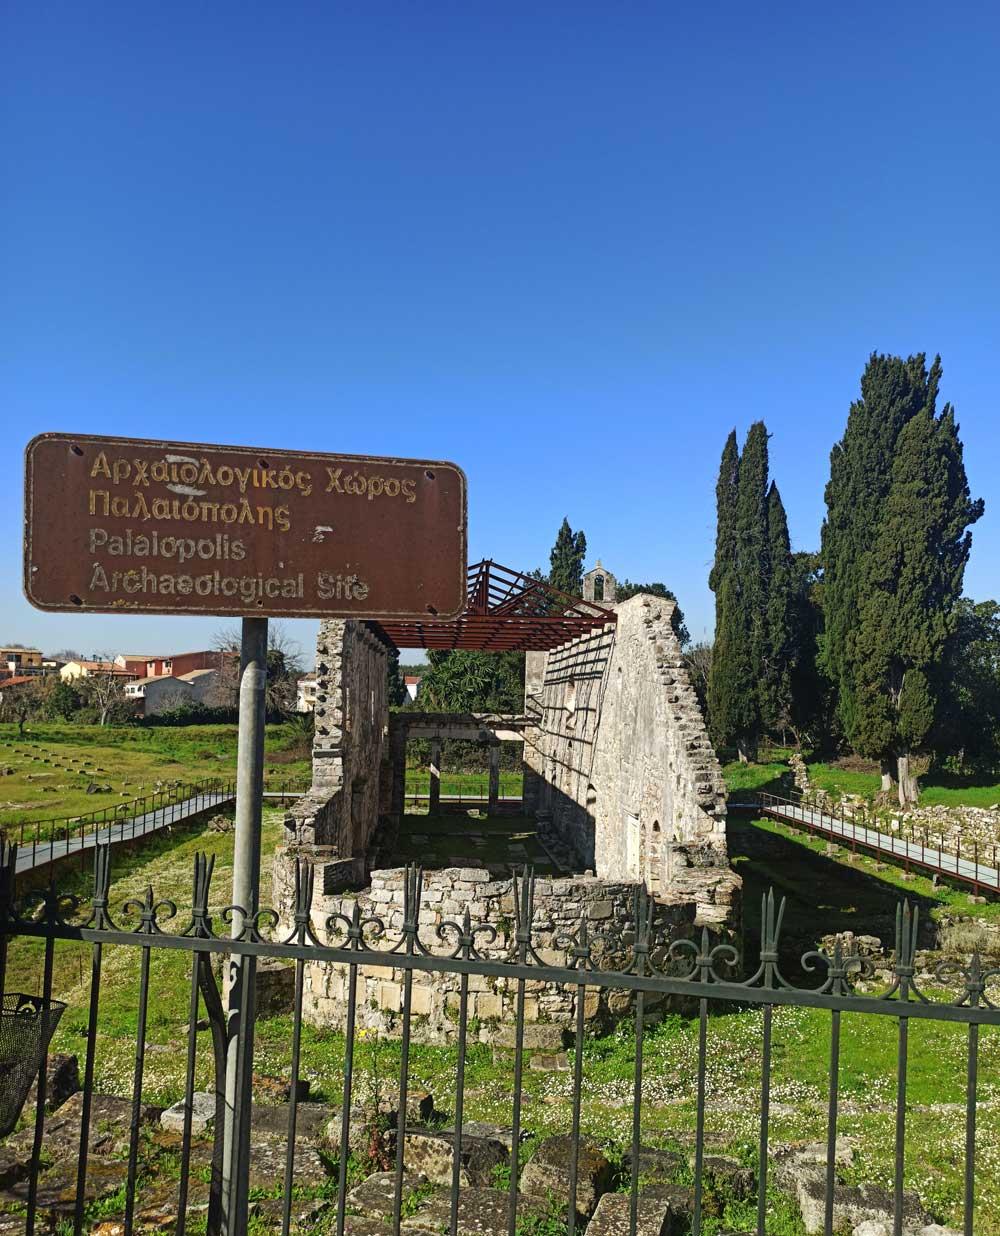 Παλαιόπολη αρχαιολογικός χώρος αρχαία Κέρκυρα mykerkyra.com